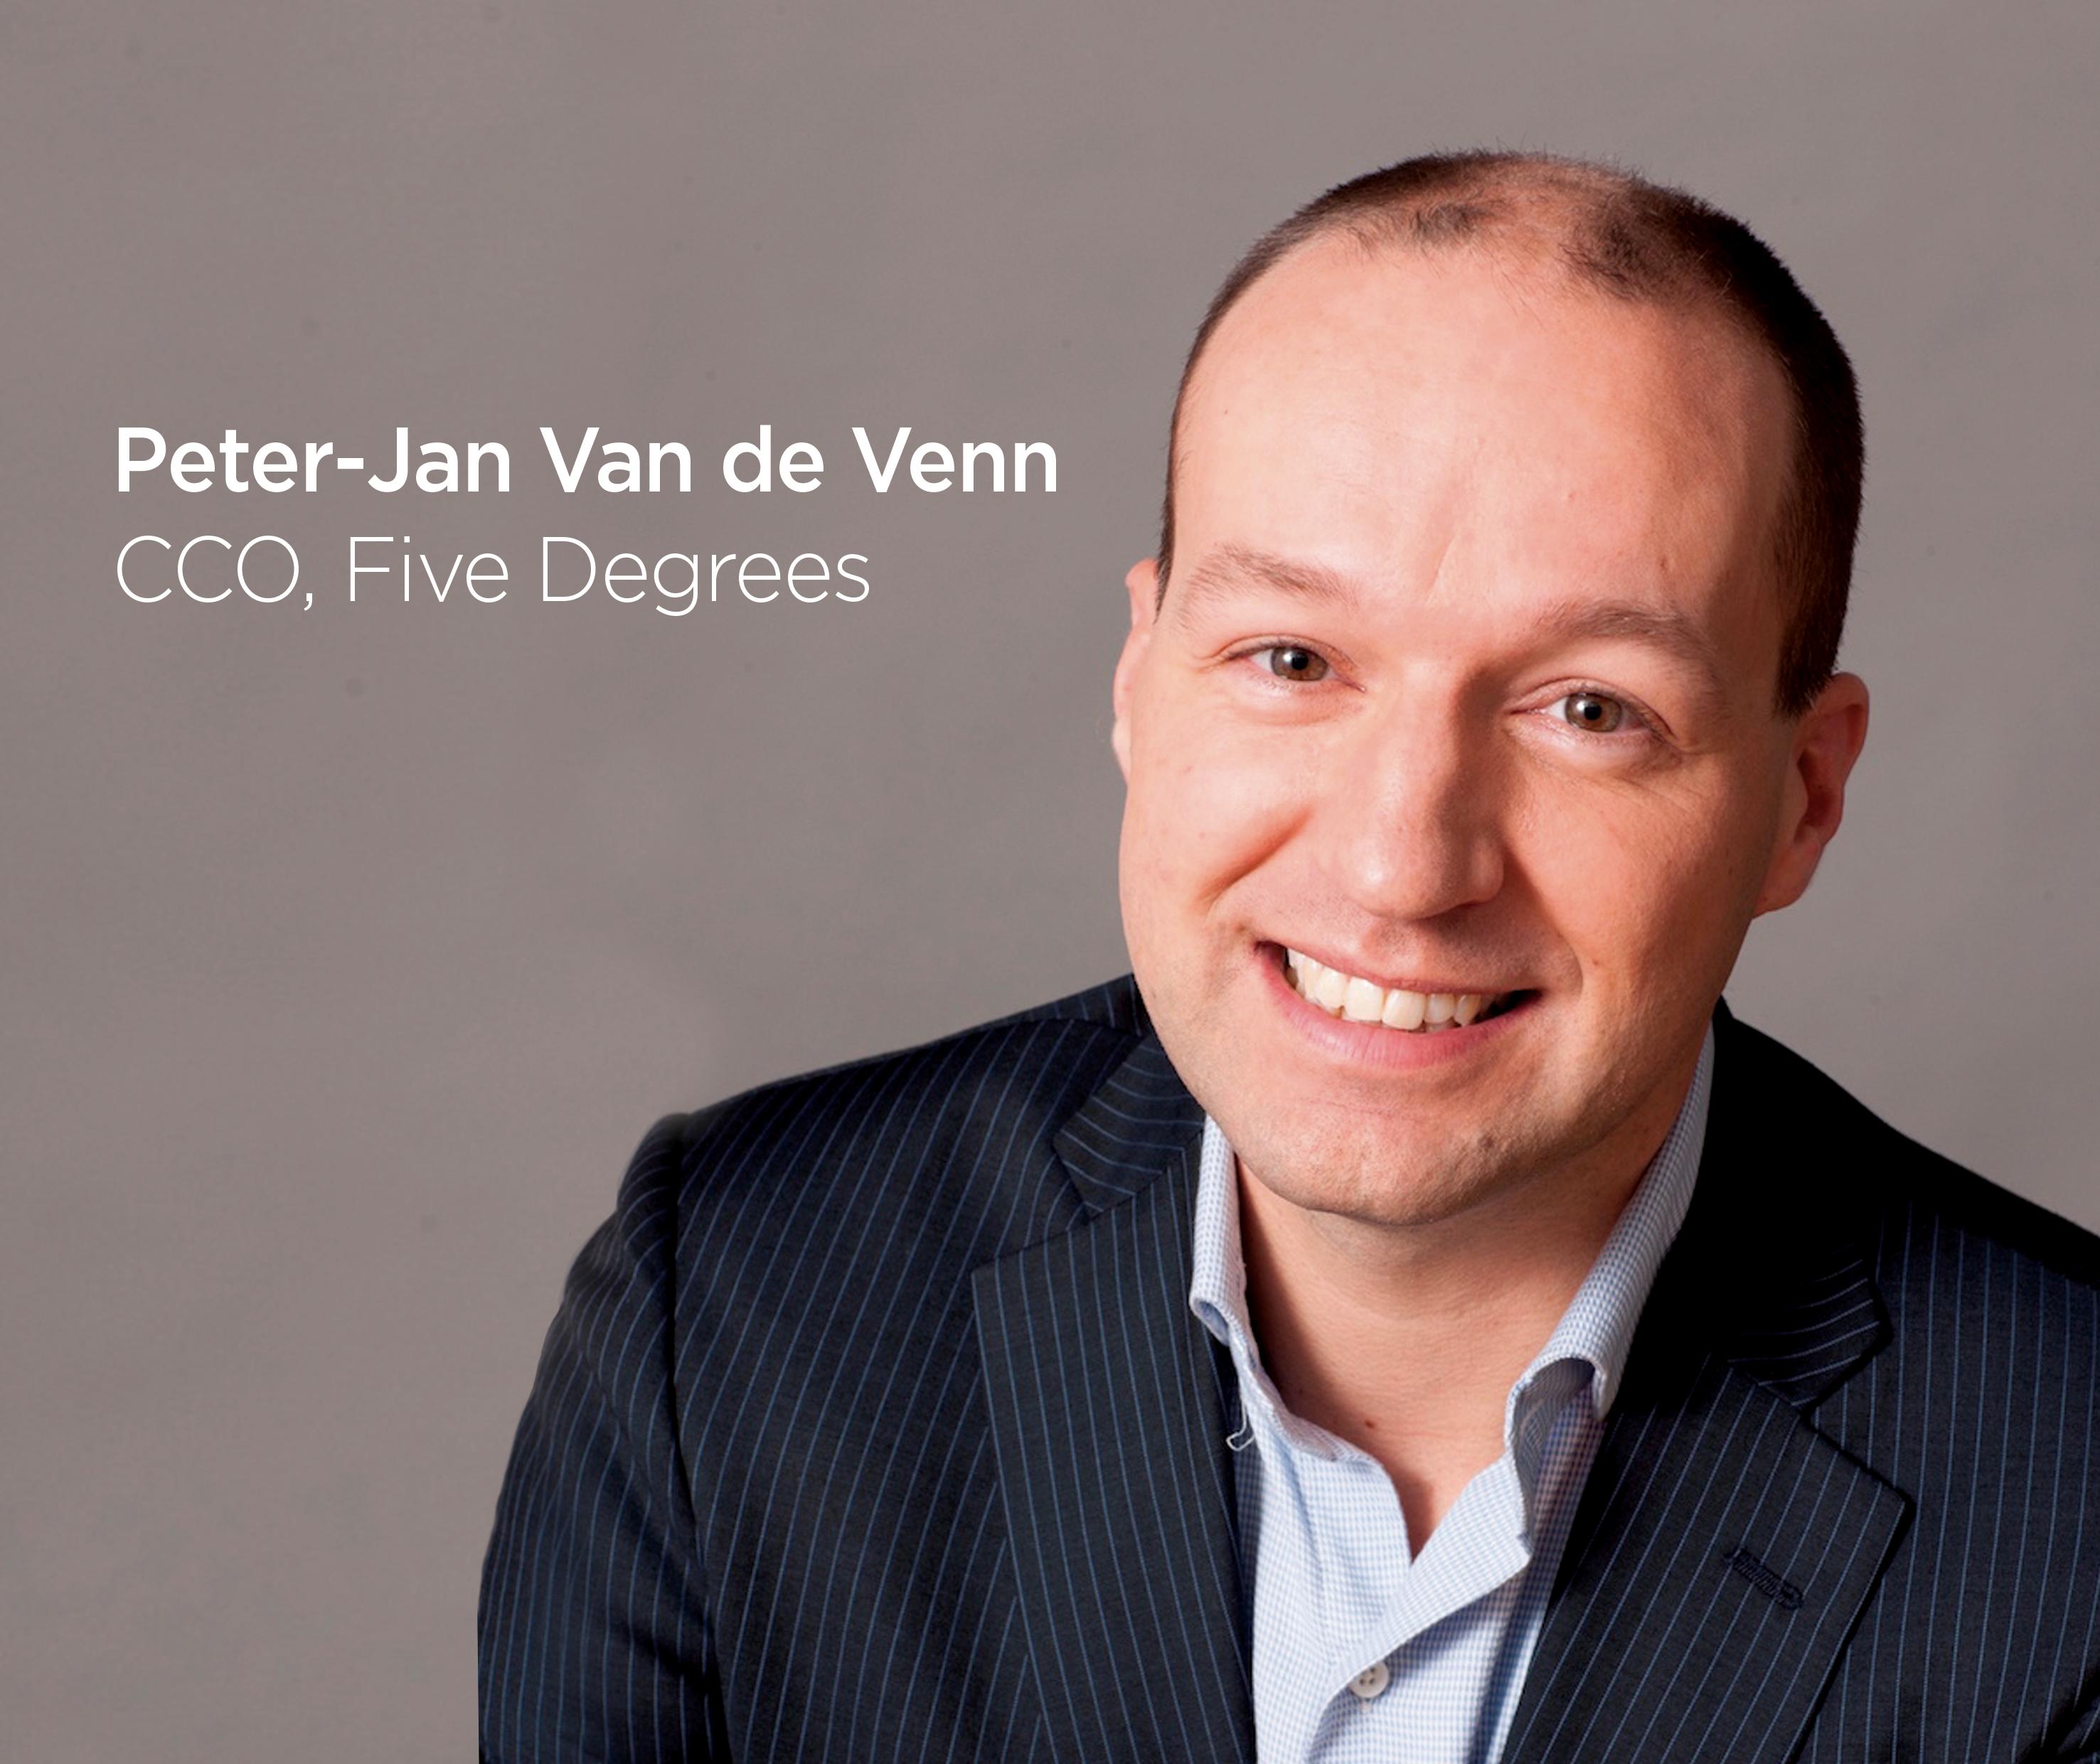 Peter-Jan Van de Venn Five Degrees CCO